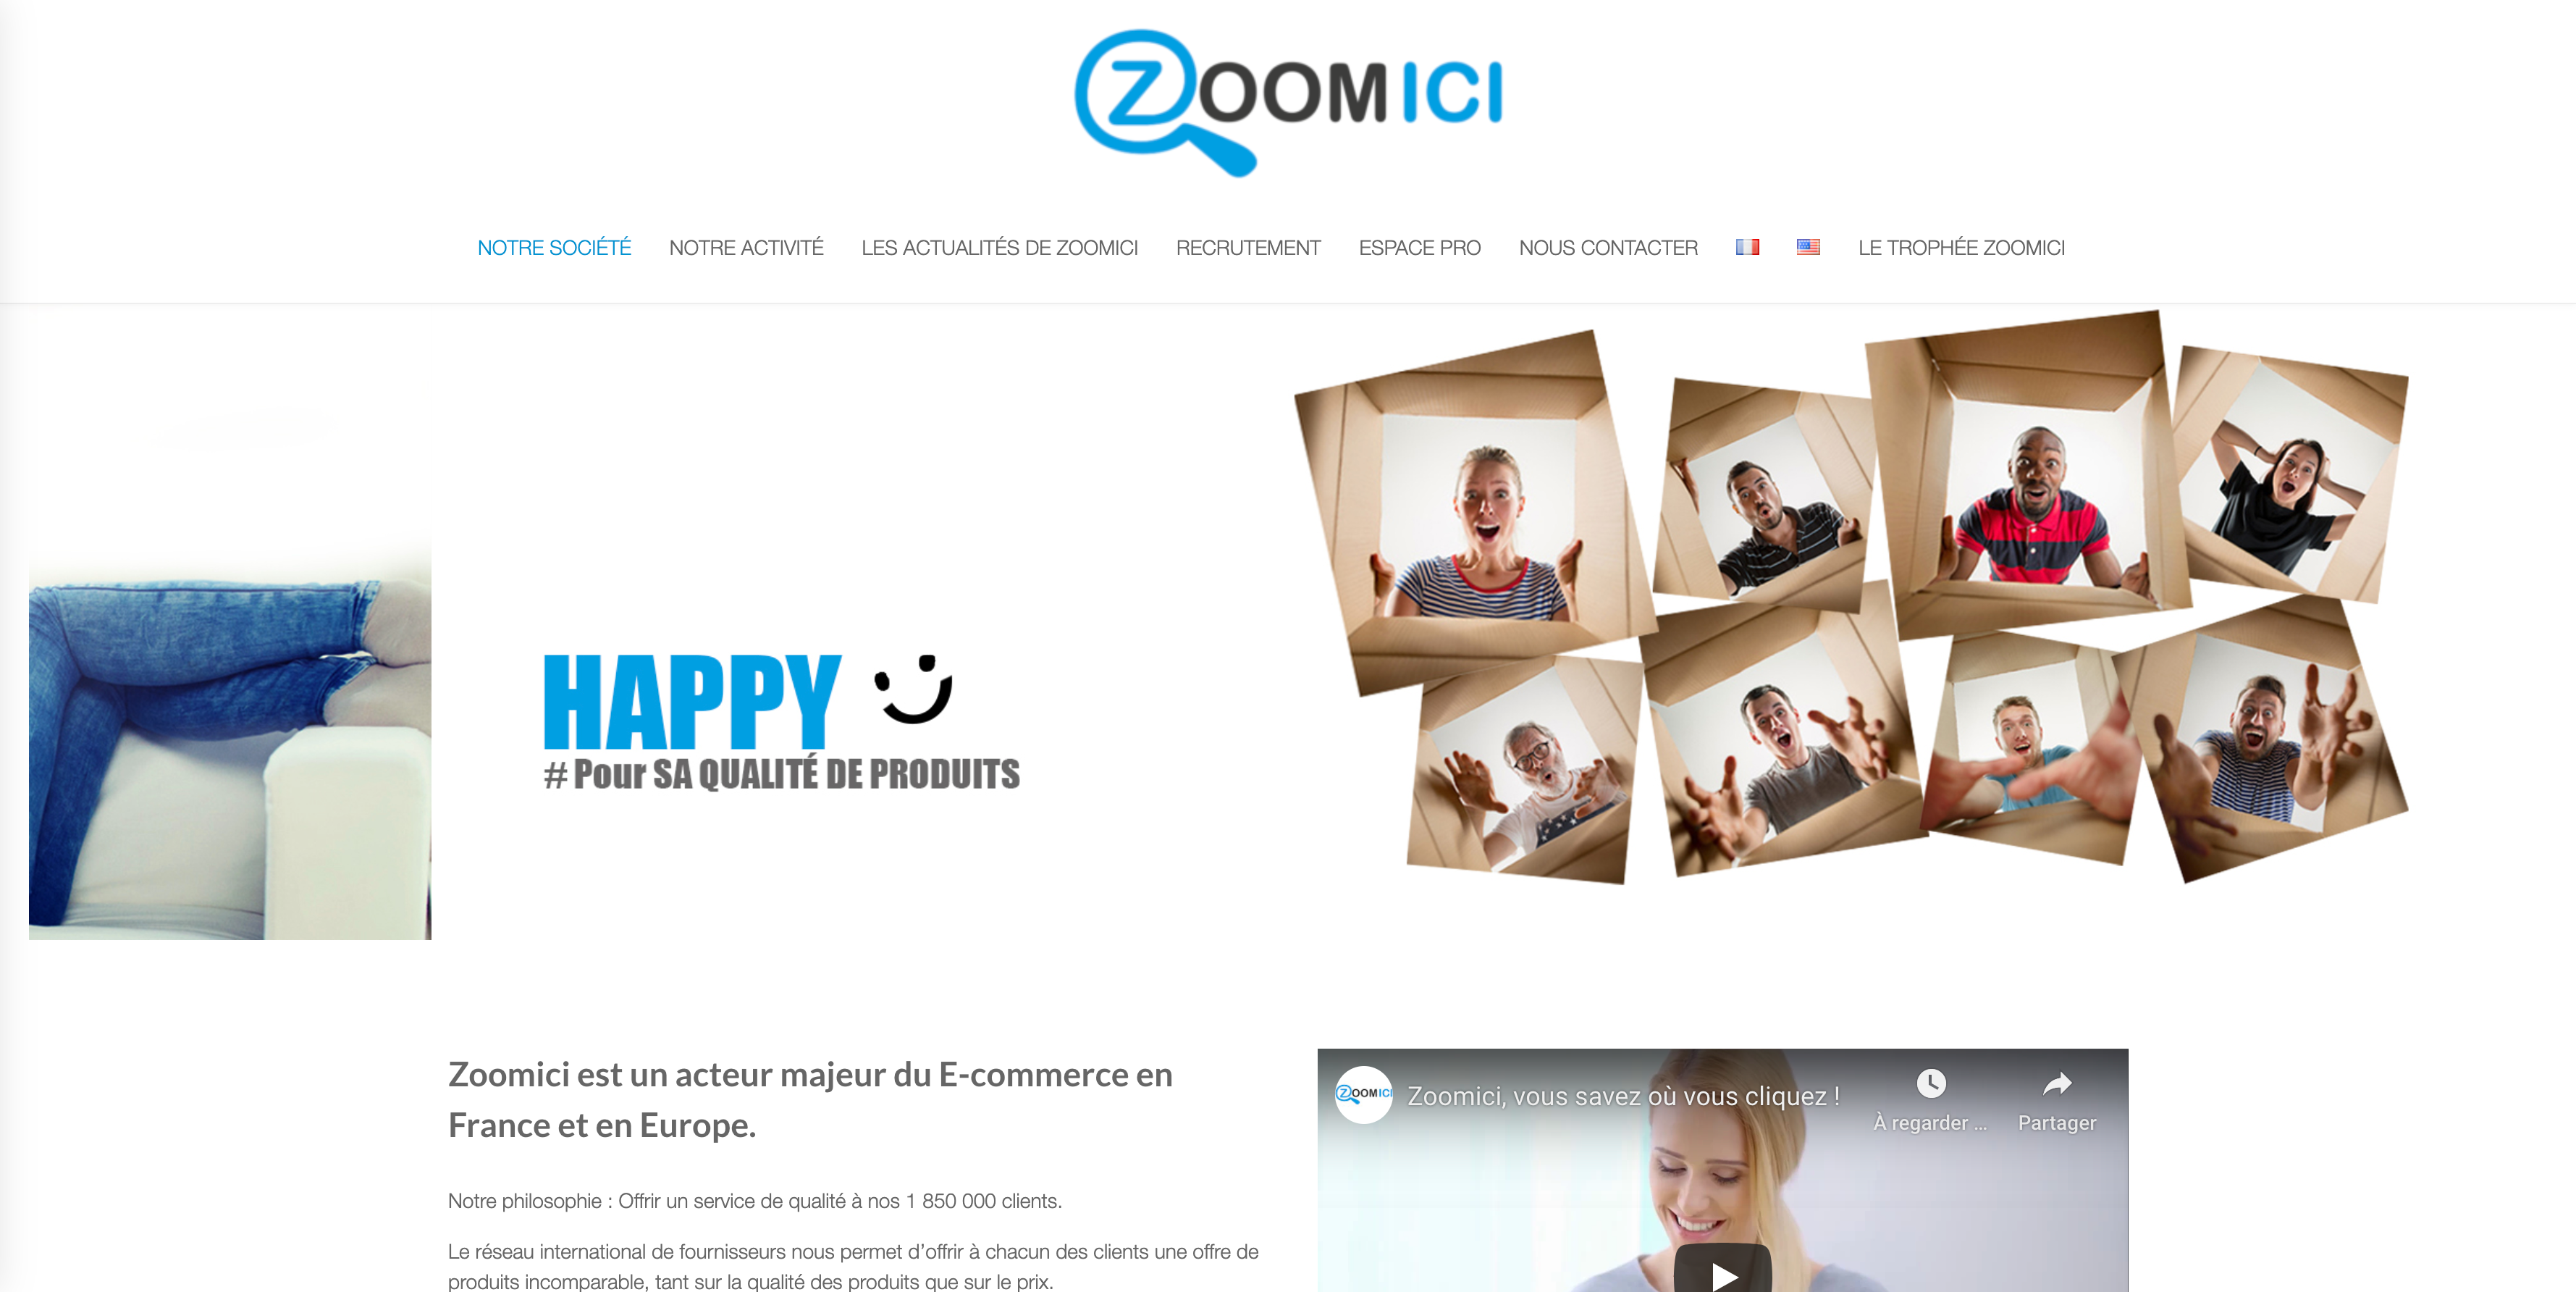 ZOOMICI Zoomici l acteur incontournable du E commerce